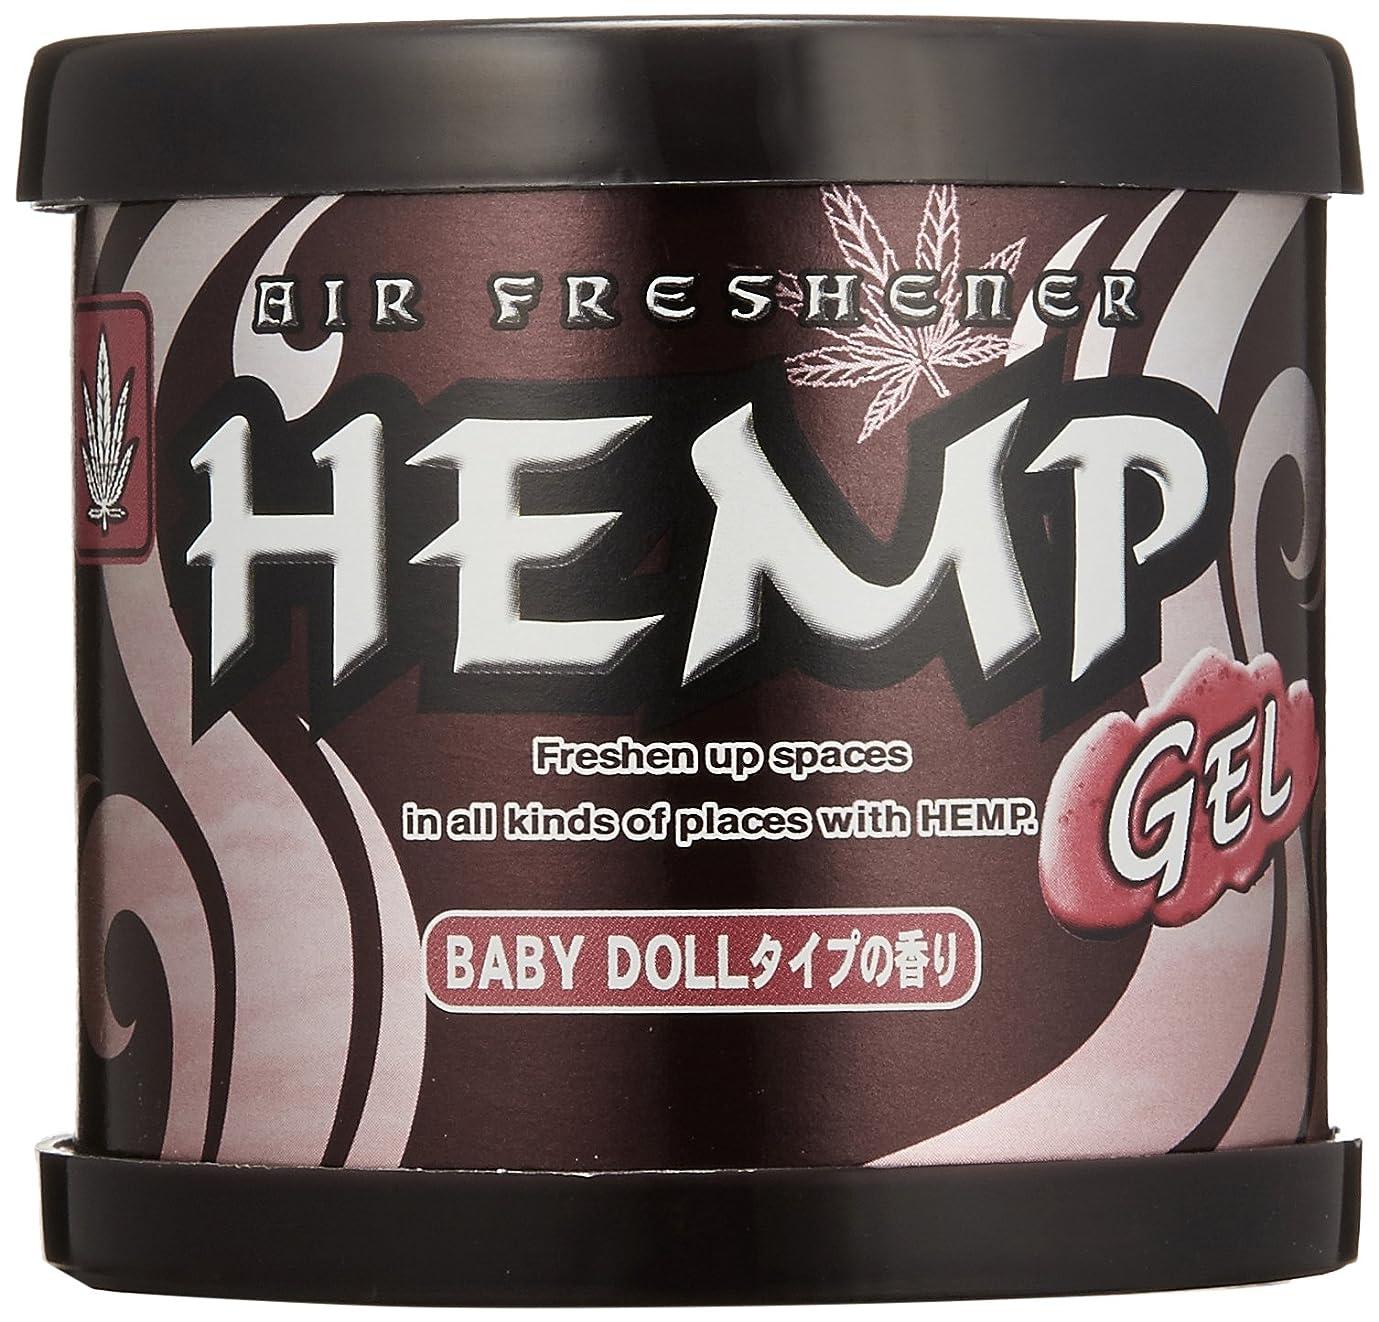 違法ナプキン少数ヘンプ 消臭 芳香剤 フレグランスジェル ピンキッシュドール 80g OA-HEG-1-12